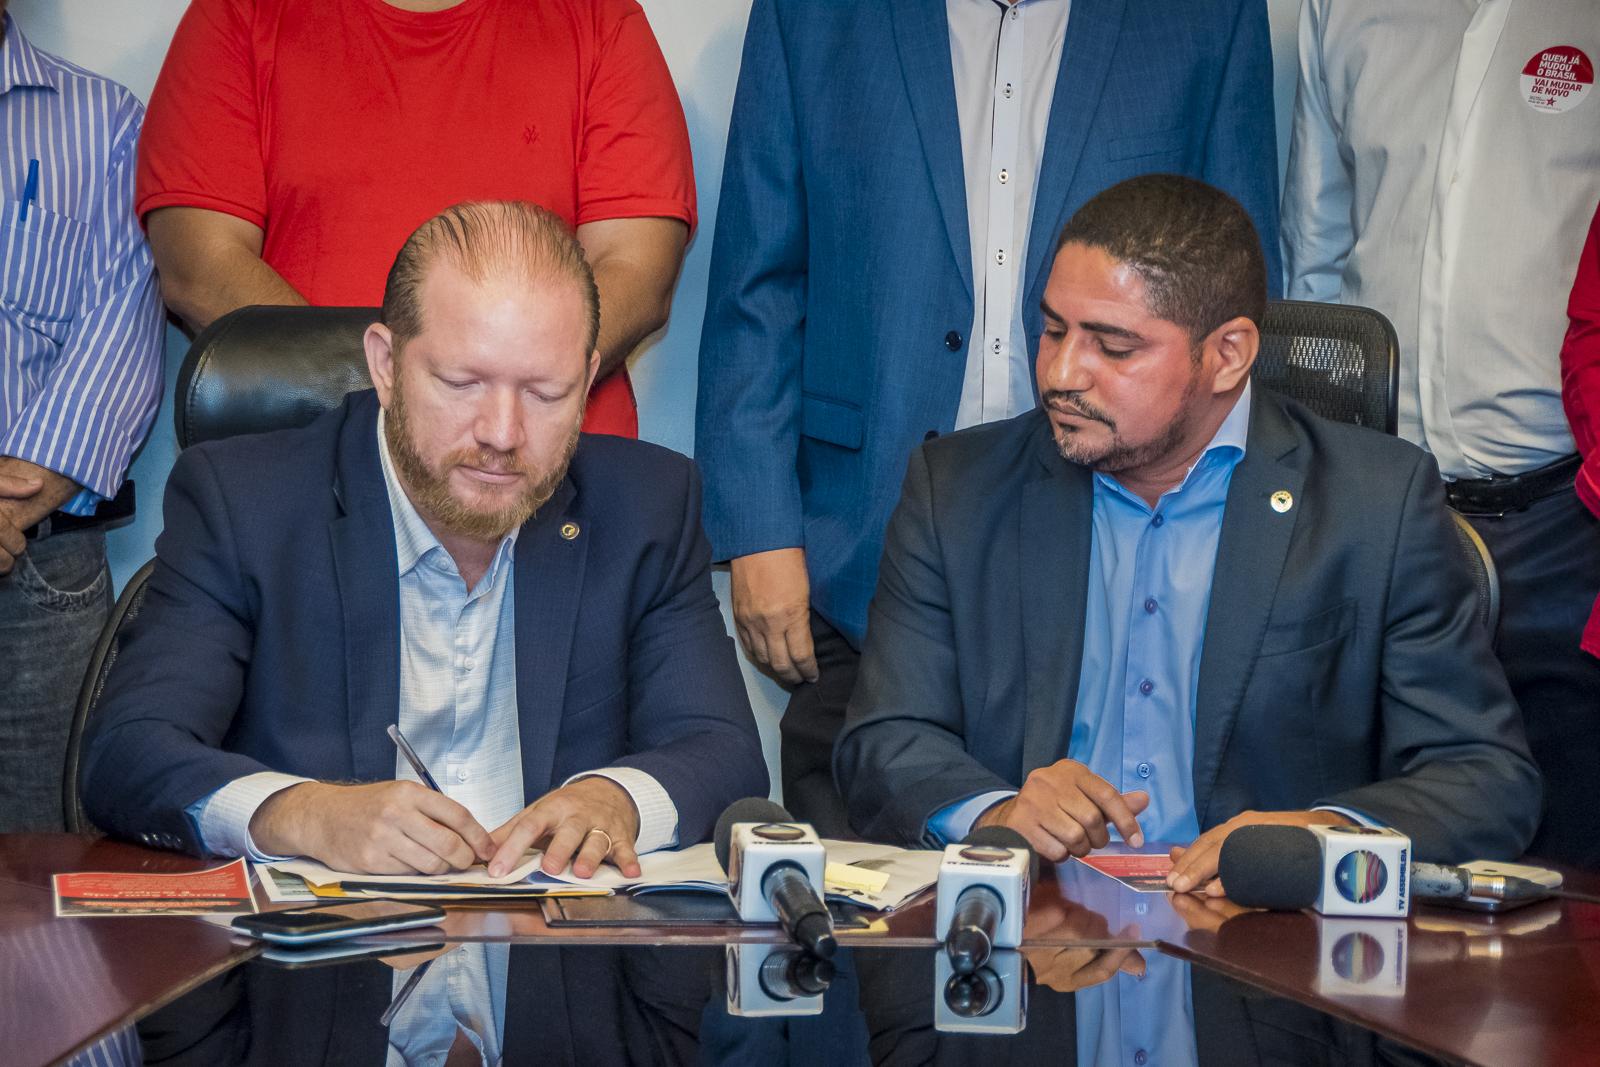 Observado por Zé Inácio, Othelino Neto assina termo de adesão à Frente